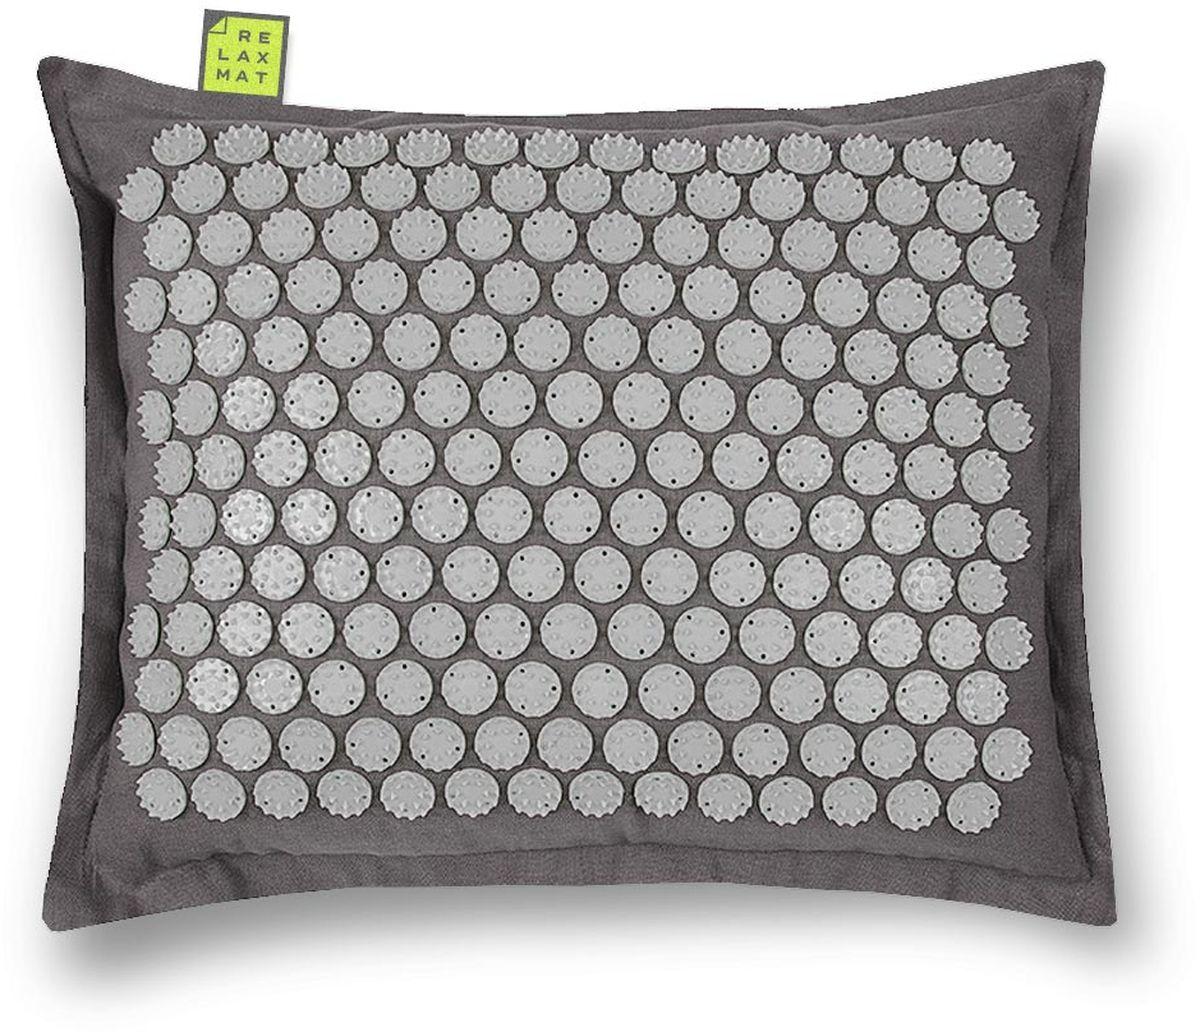 Relaxmat Массажная подушка, цвет: серый, графитовый